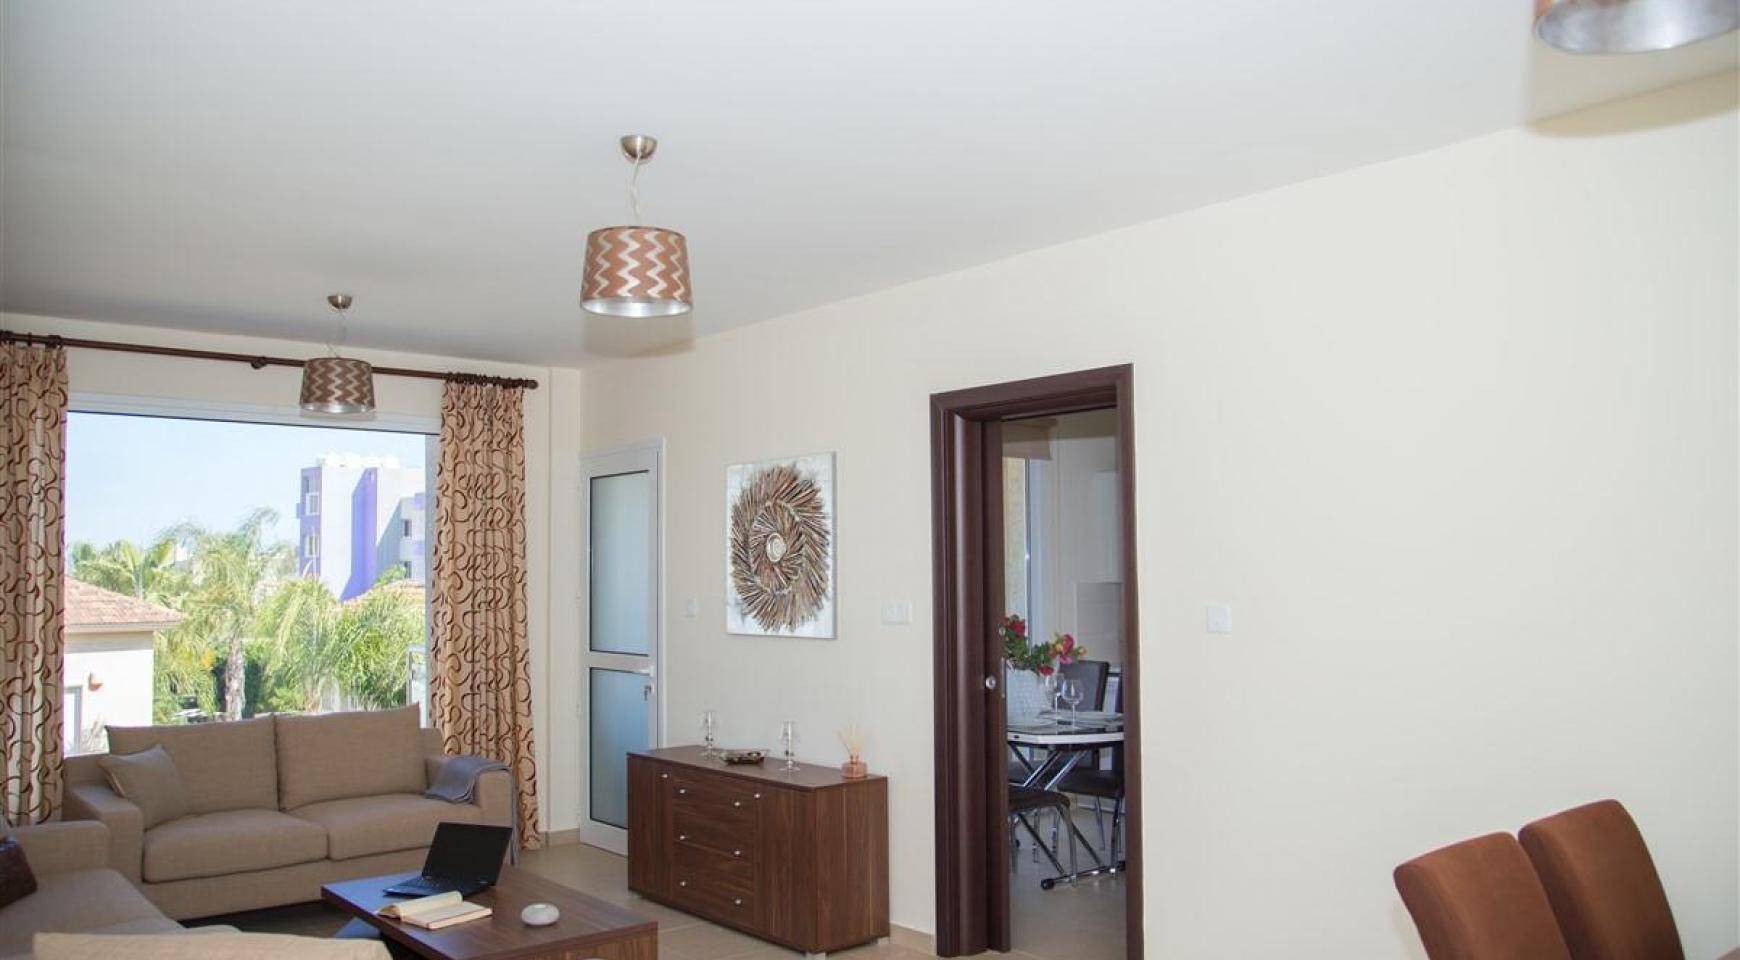 Μοντέρνο διαμέρισμα 2 υπνοδωματίων στην περιοχή Ποταμός Γερμασόγειας - 3